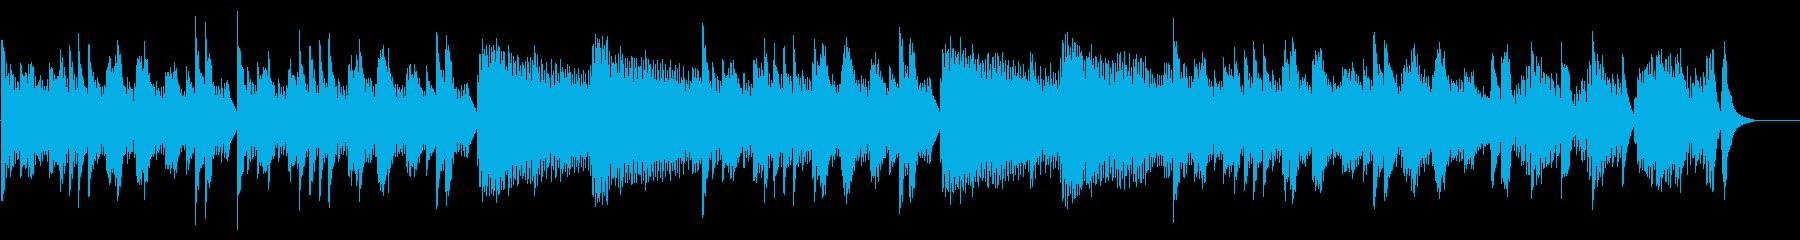 キラキラ星変奏曲(VarXⅡ)オルゴールの再生済みの波形